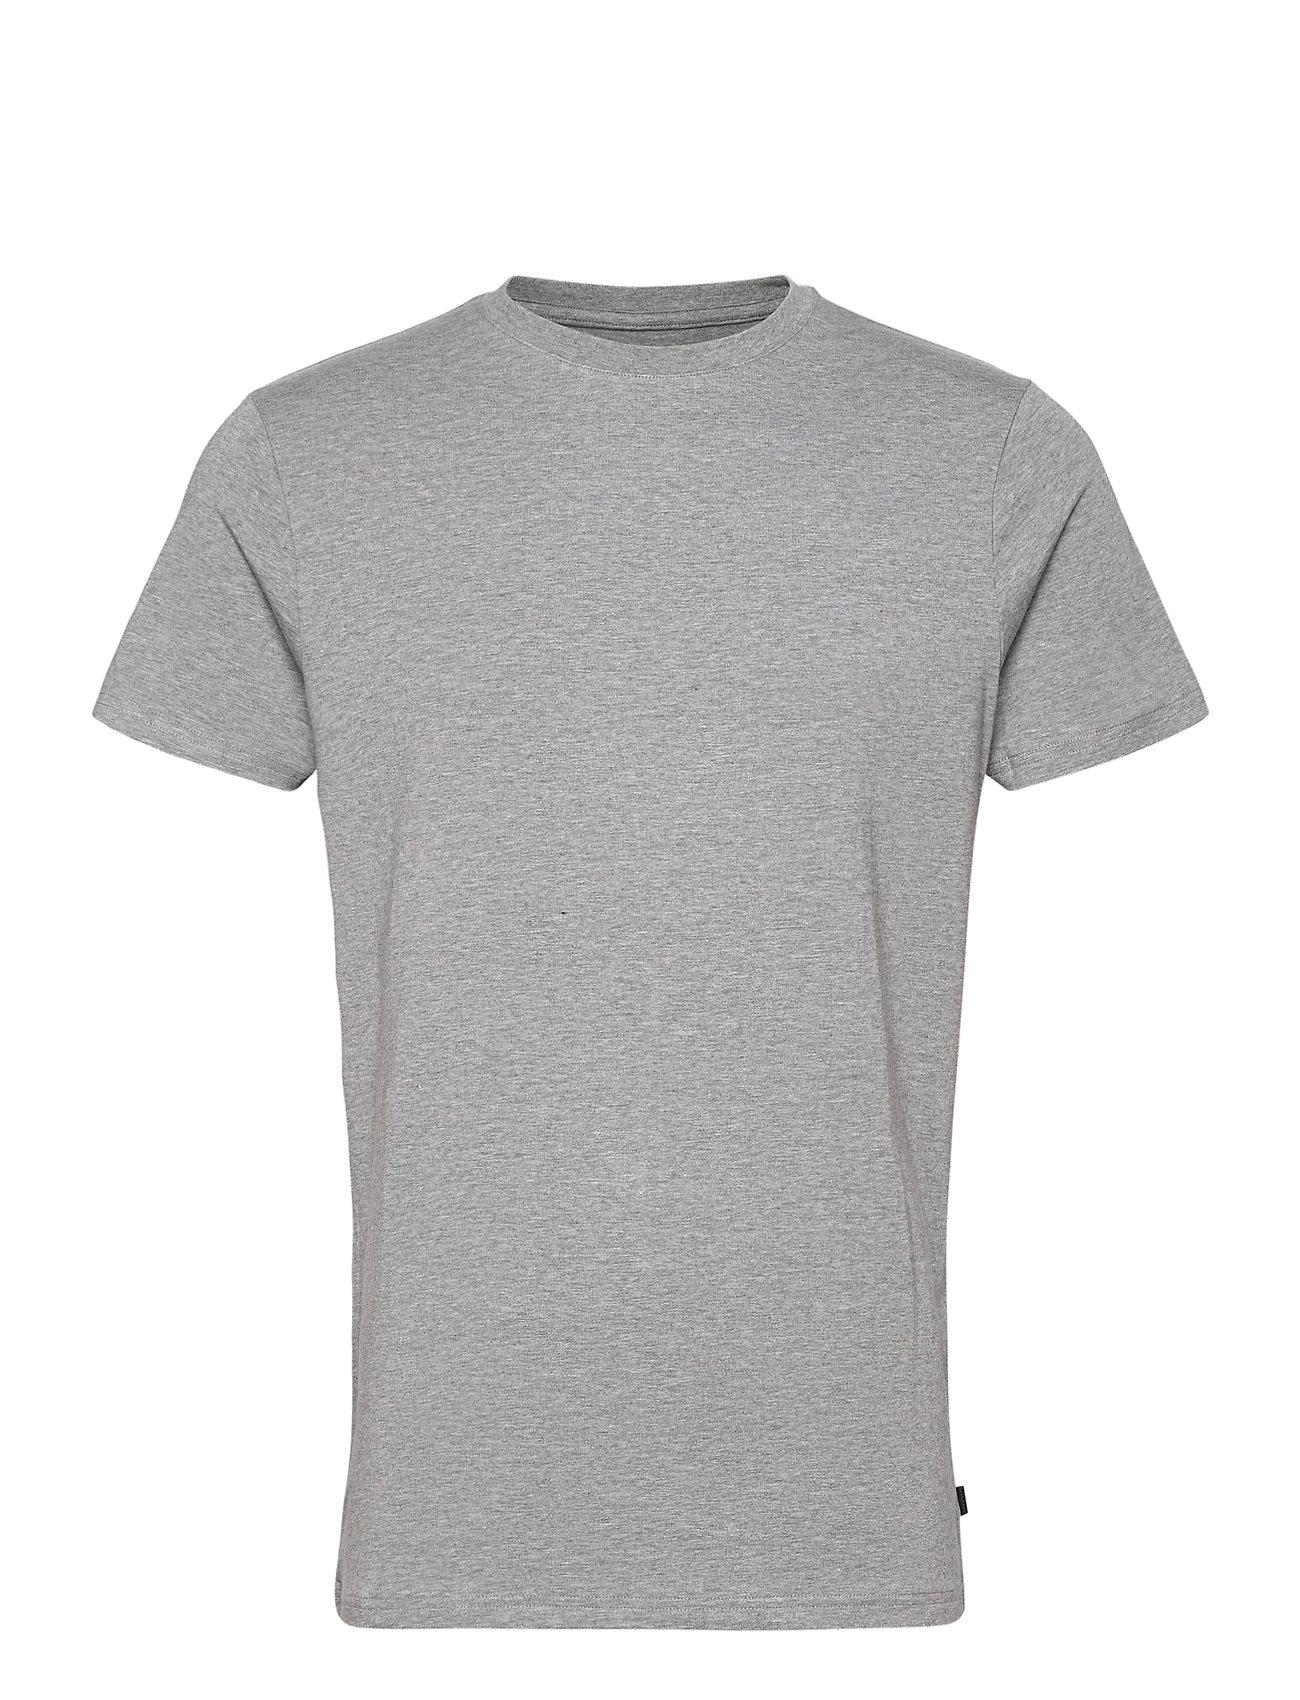 Image of Bamboo R-Neck Tee T-shirt Grå Resteröds (3455507501)